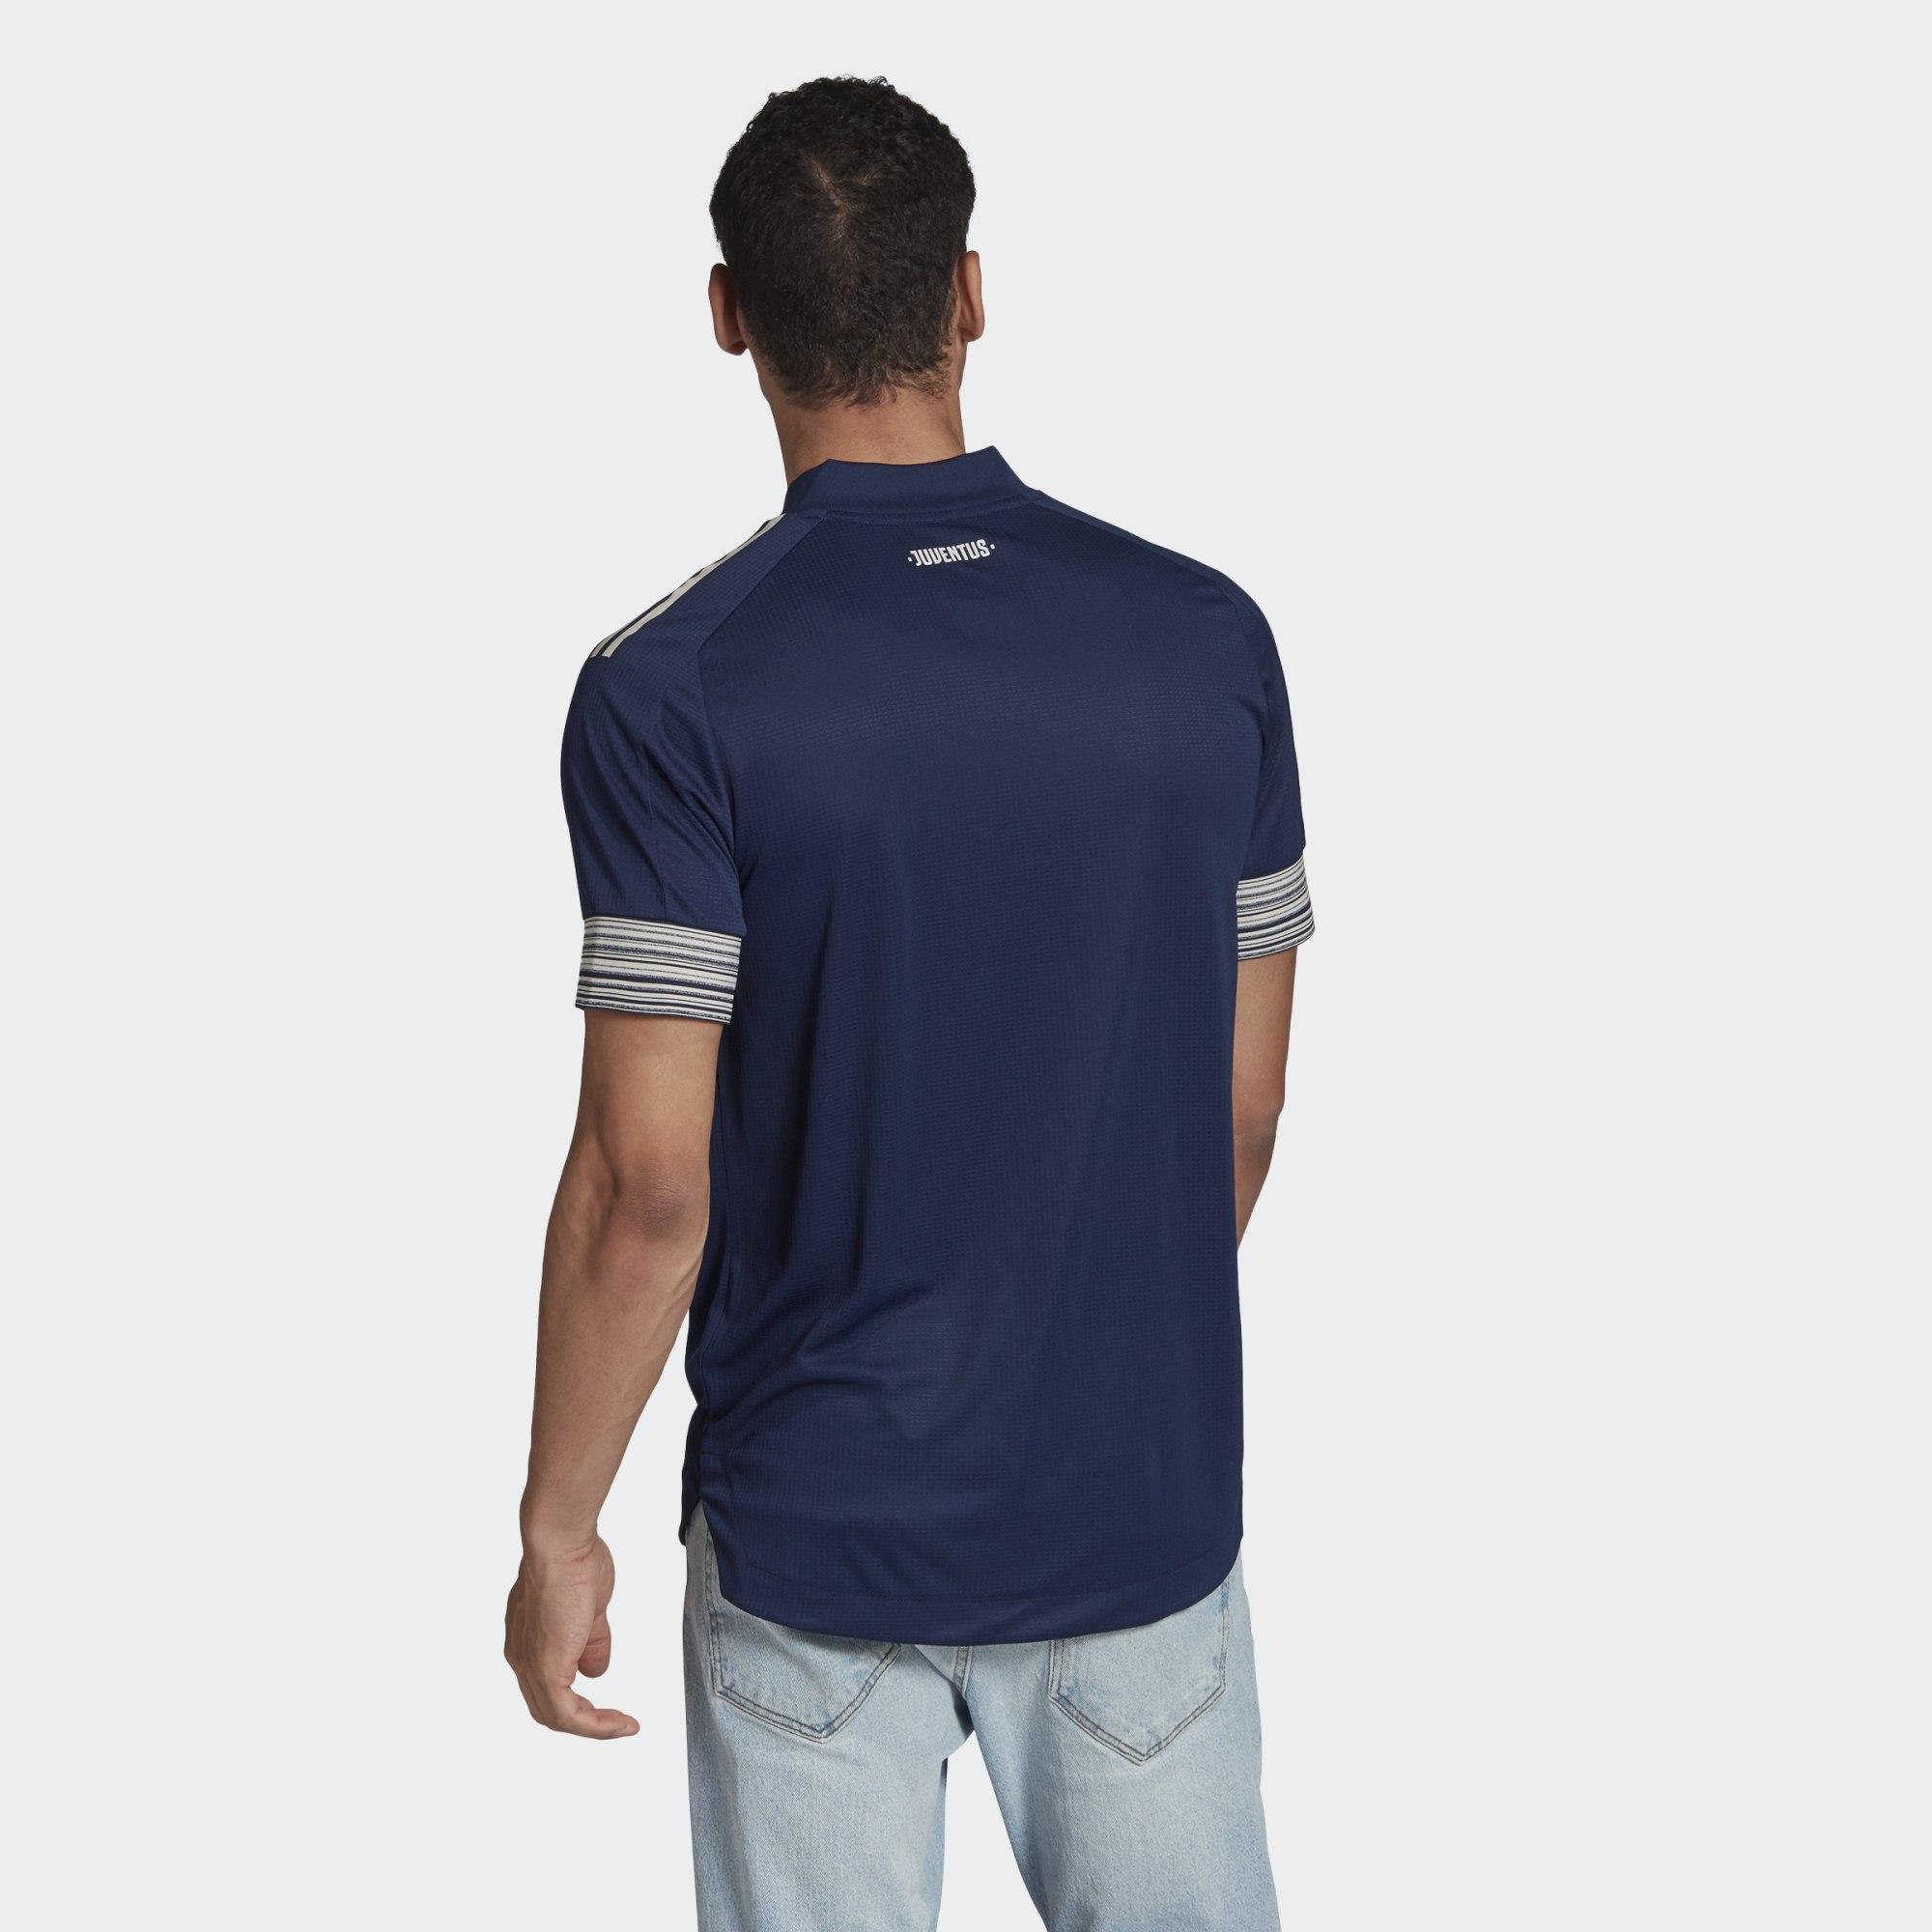 juventus 2020 21 adidas away kit 20 21 kits football shirt blog juventus 2020 21 adidas away kit 20